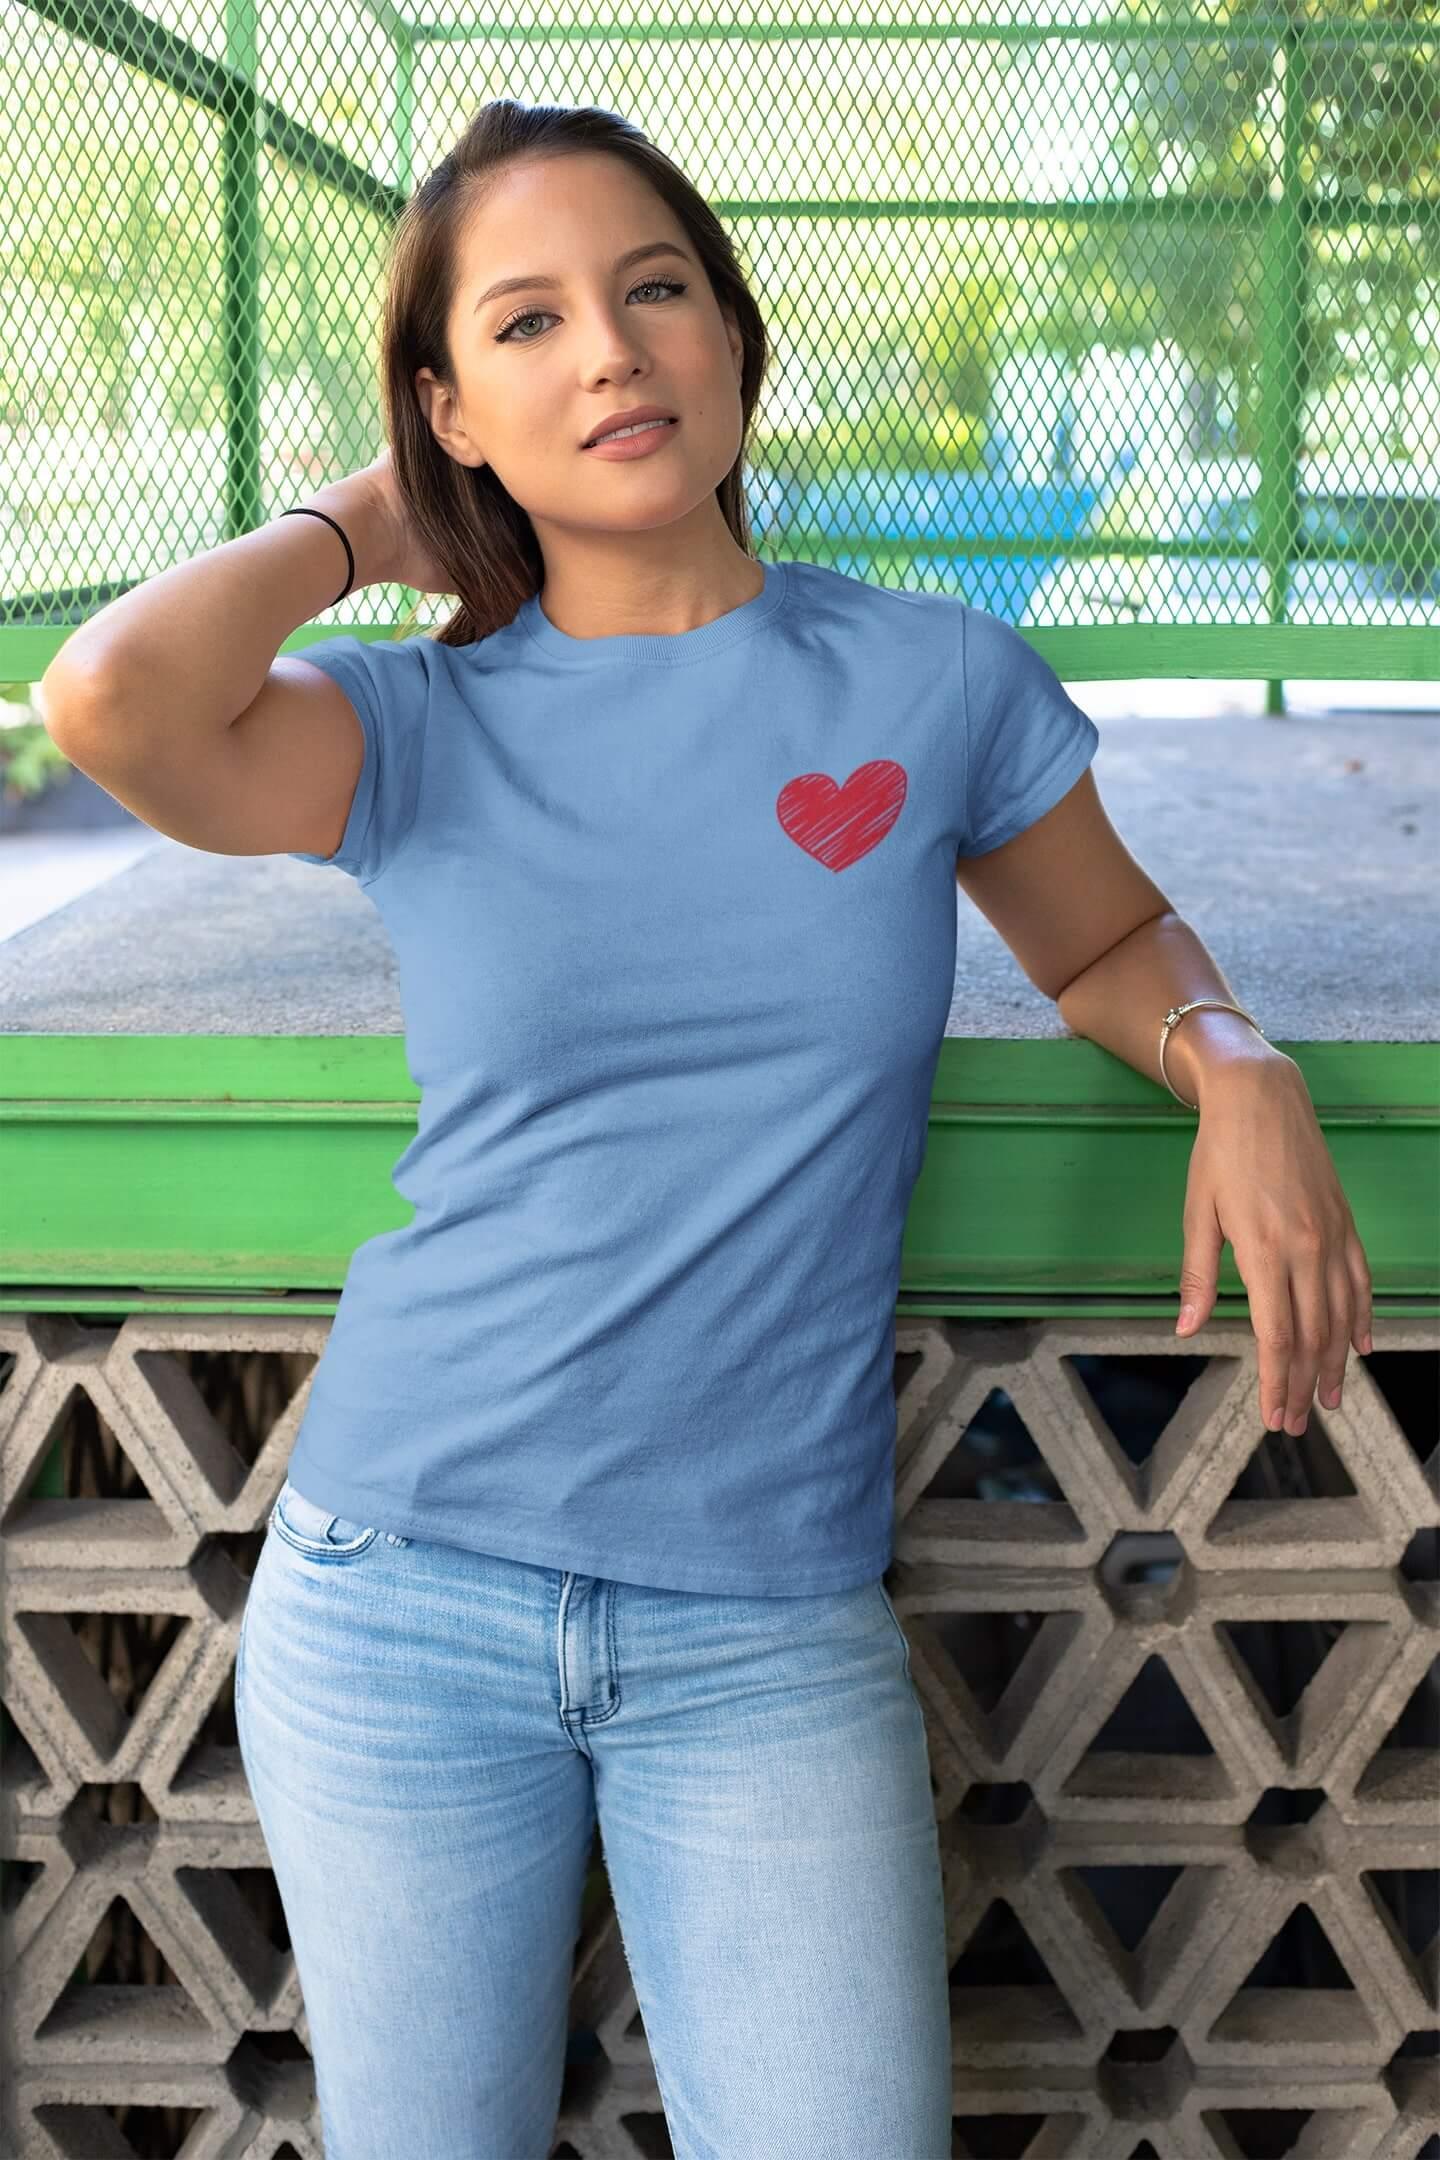 MMO Dámske tričko Červené srdce Vyberte farbu: Svetlomodrá, Dámska veľkosť: M